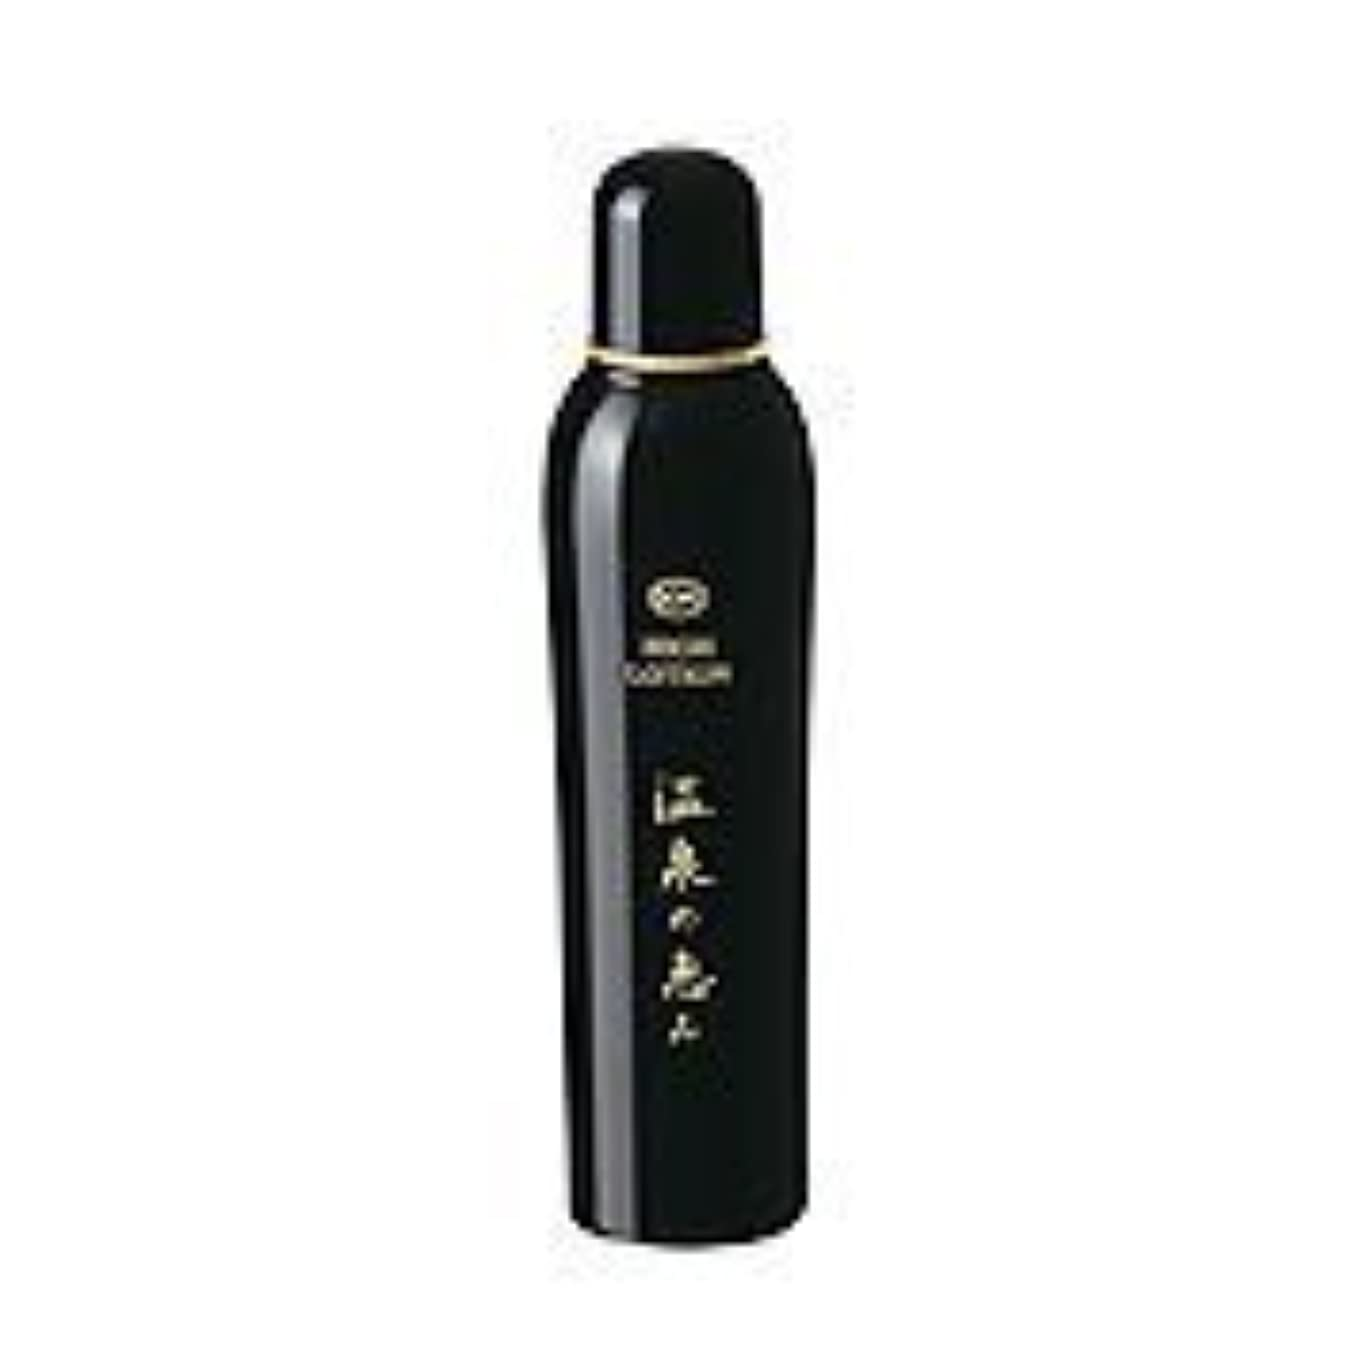 サーバ投資台風イオン化粧品 ハイローション 165ml